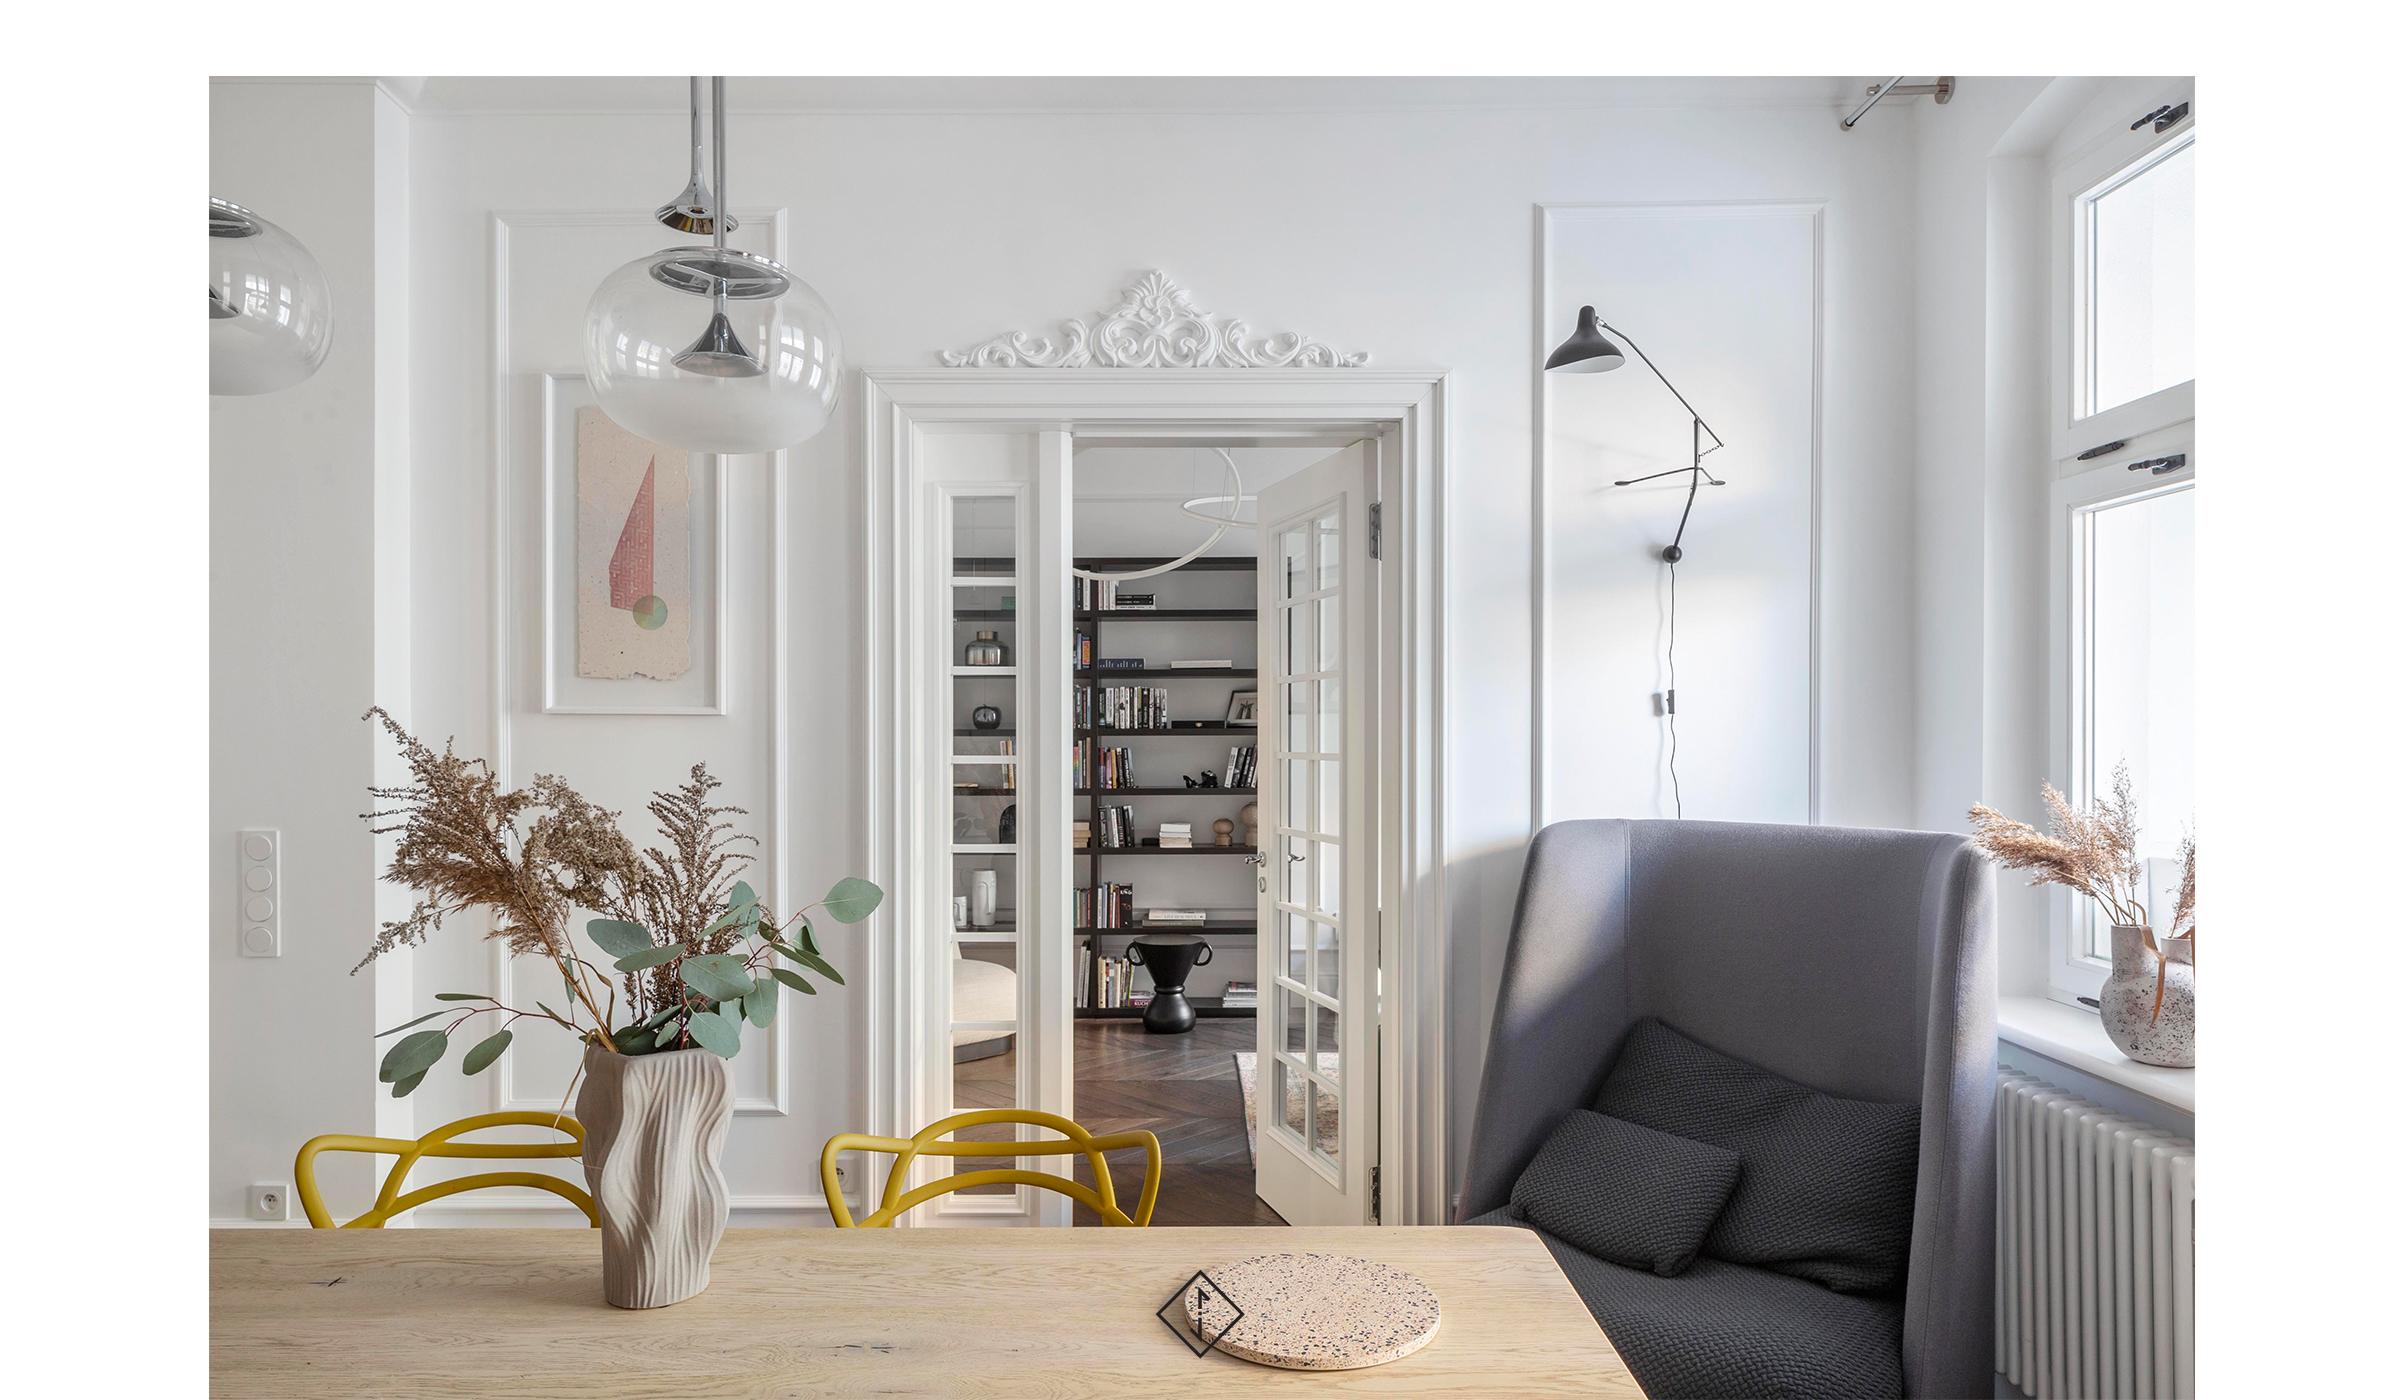 Architekt wnętrz Poznań - Maria Jachalska. Jako projektant wnętrz posiadam kilkunastoletnie doświadczenie w branży.